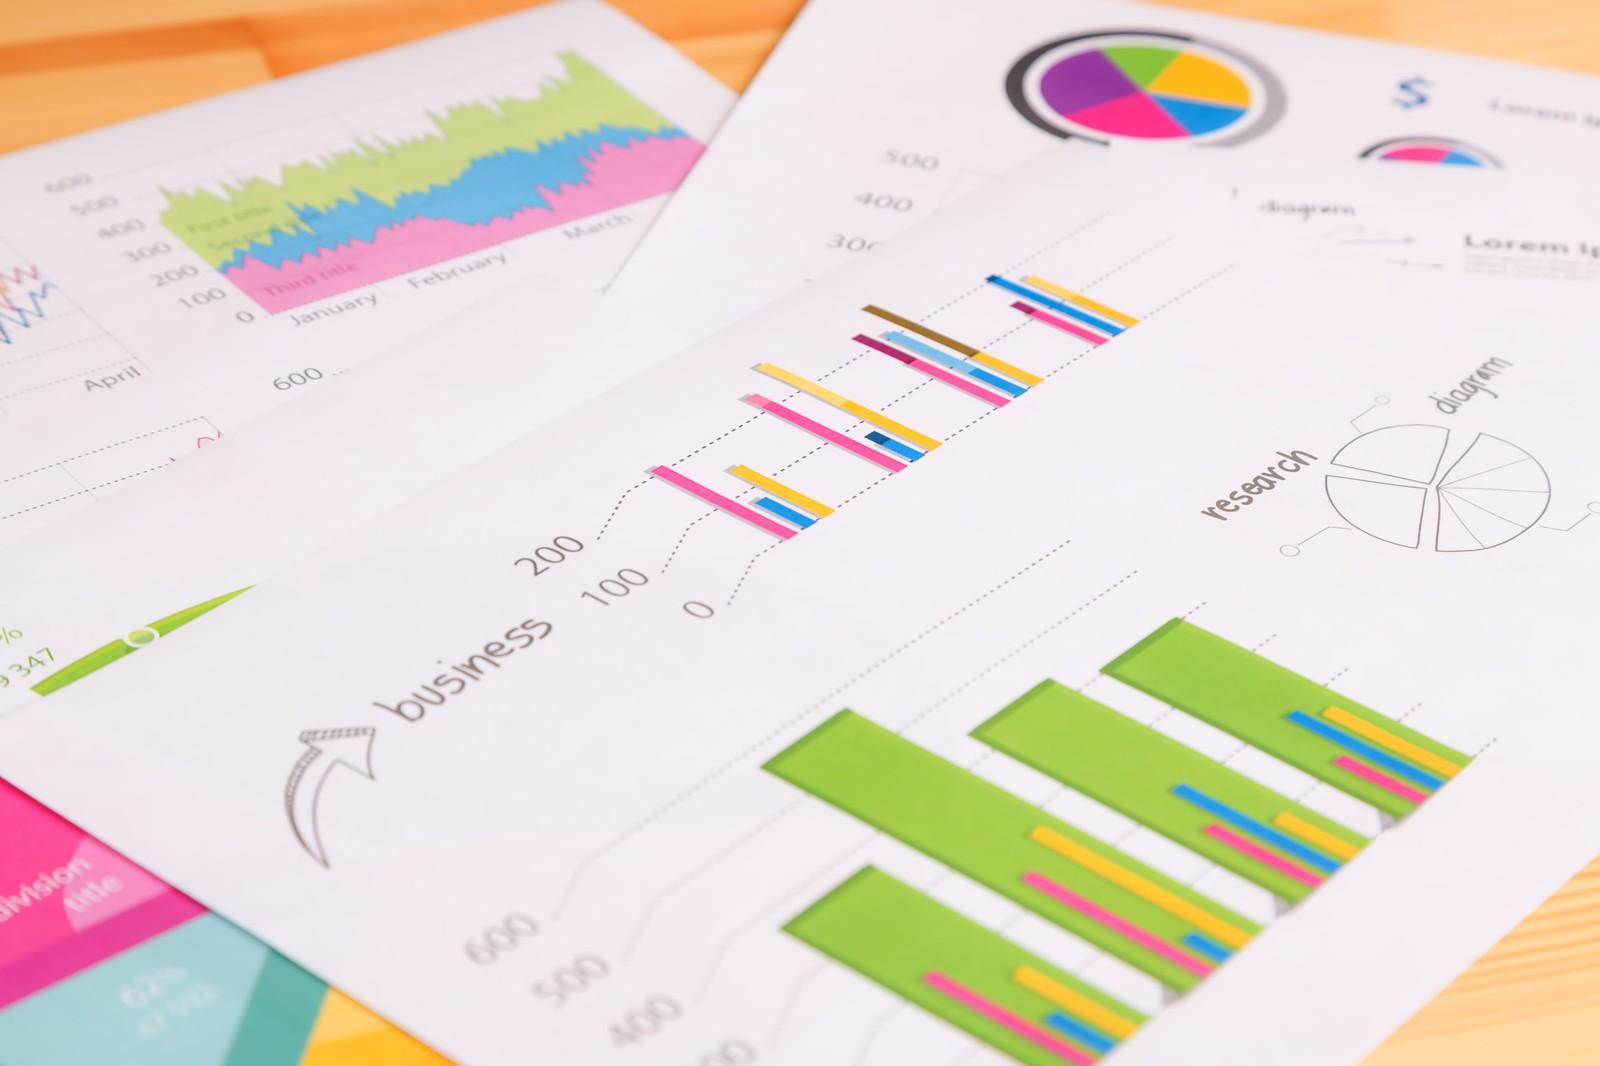 グラフ、増加、推移、データ